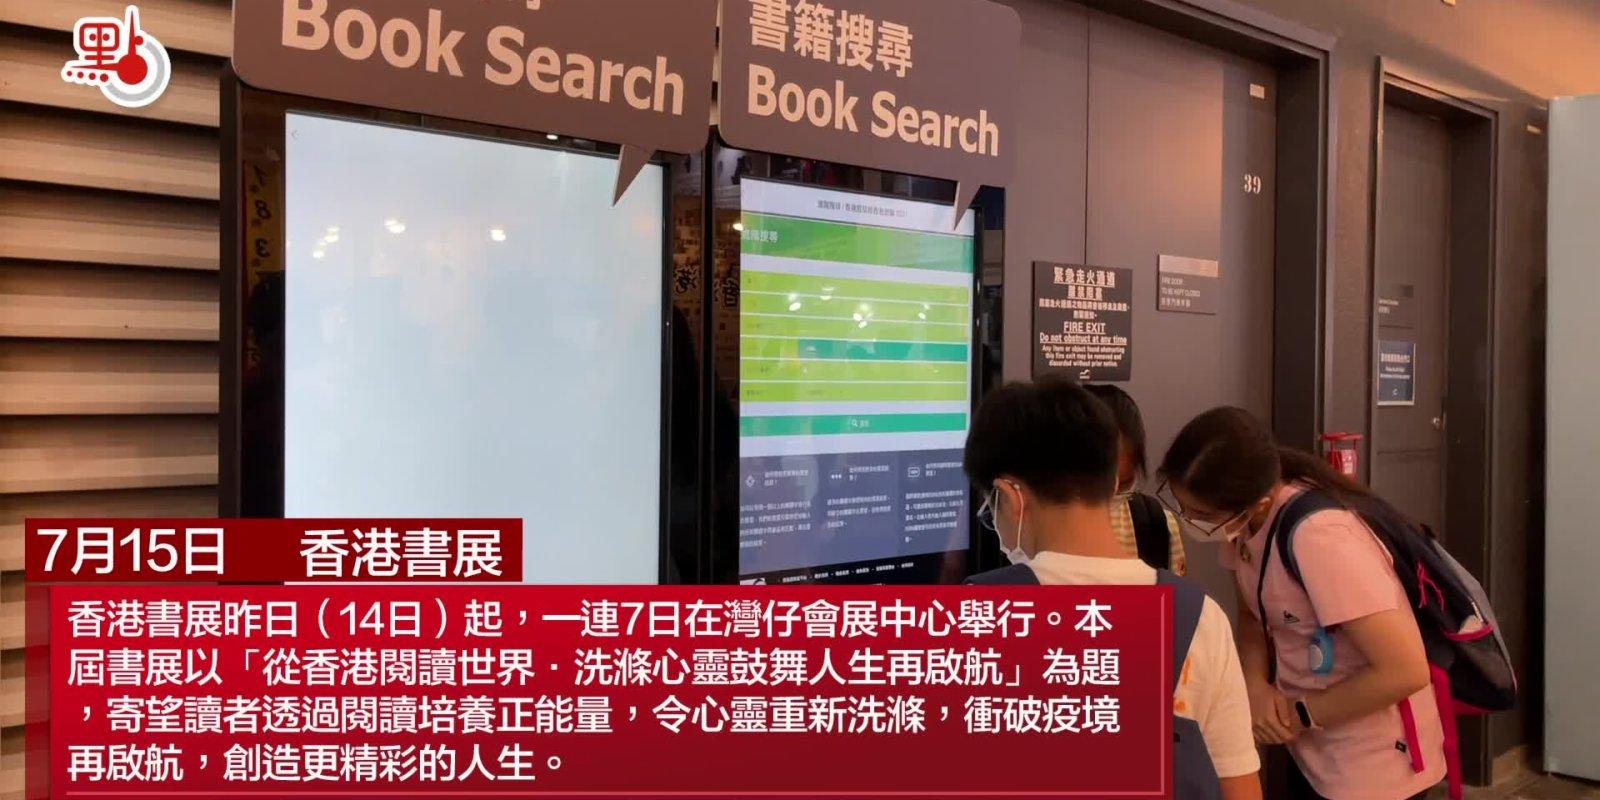 街訪|香港書展直擊:什麼最暢銷?市民預算幾多?一票逛三展?